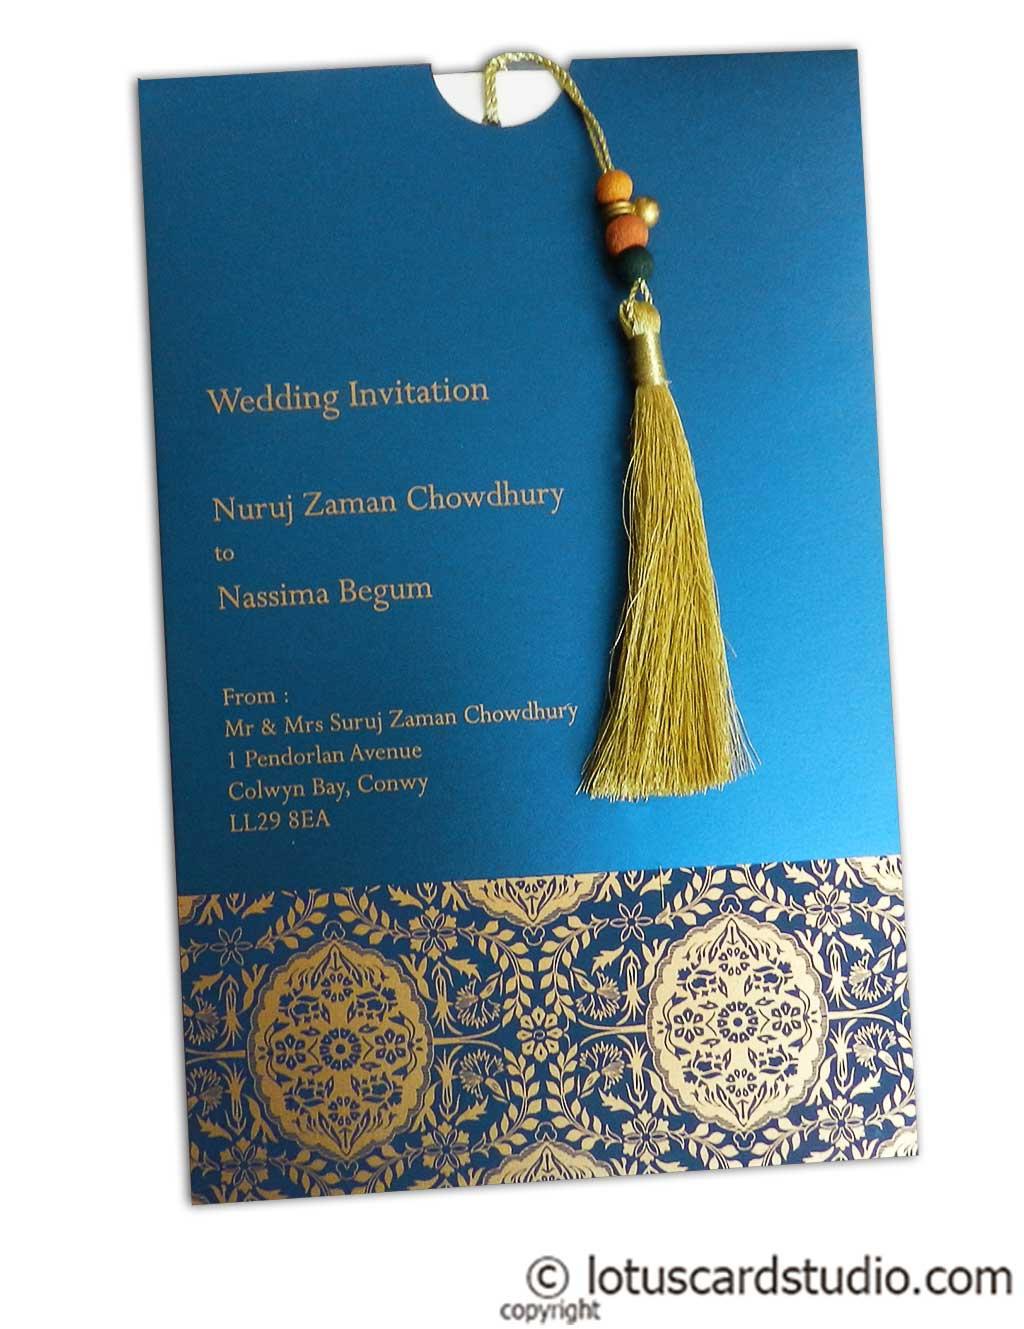 Magnificent Majestic Blue Invitation Card With Dori Ic 28